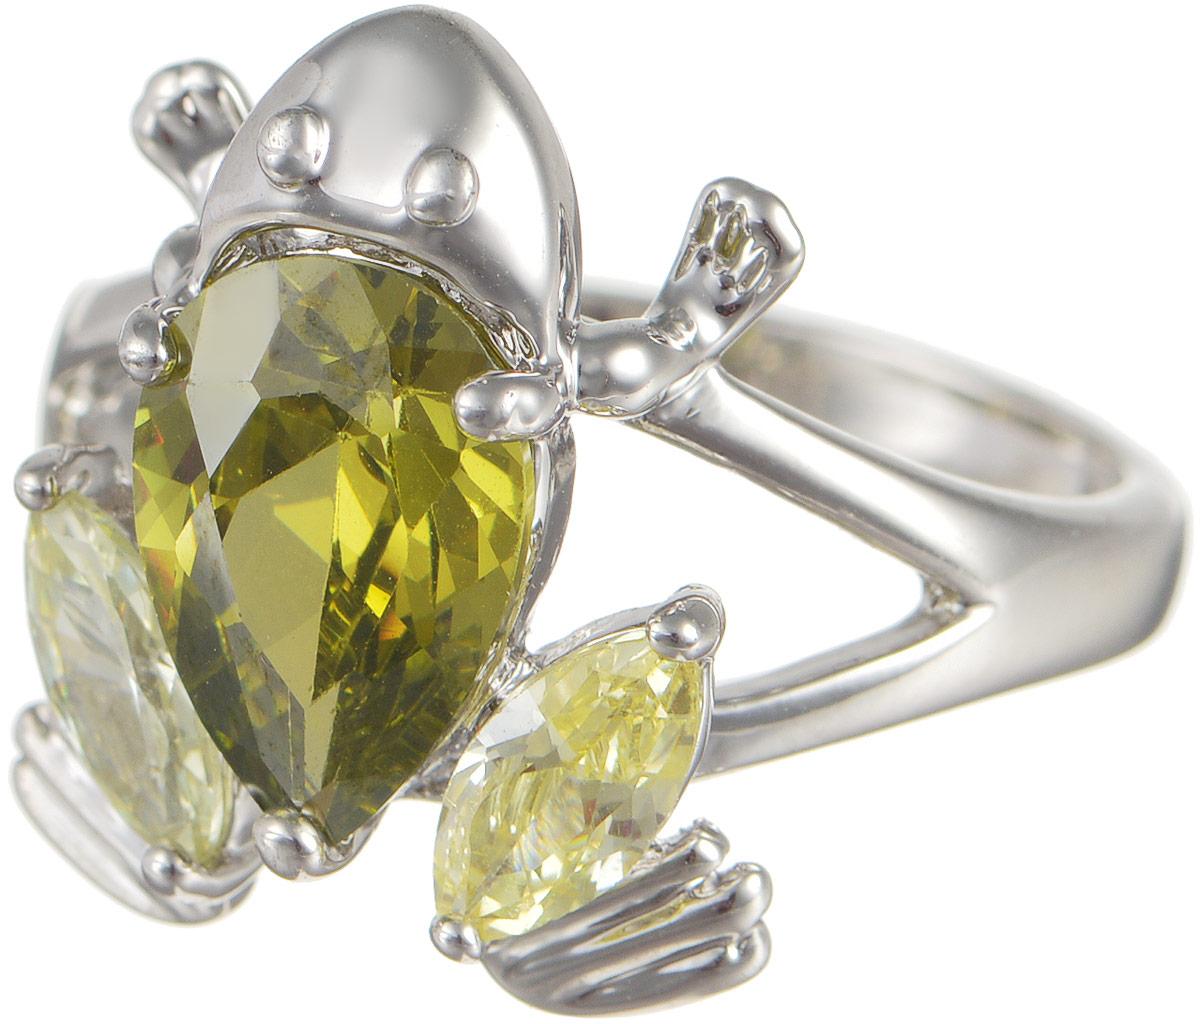 Кольцо женское Taya, цвет: серебристый, зеленый. T-B-4823Коктейльное кольцоОригинальное кольцо Taya выполнено из бижутерного сплава оформлено в виде лягушки и дополнено цирконами. Такое кольцо это блестящее завершение вашего неповторимого и смелого образа и отличный подарок для ценительницы необычных украшений!